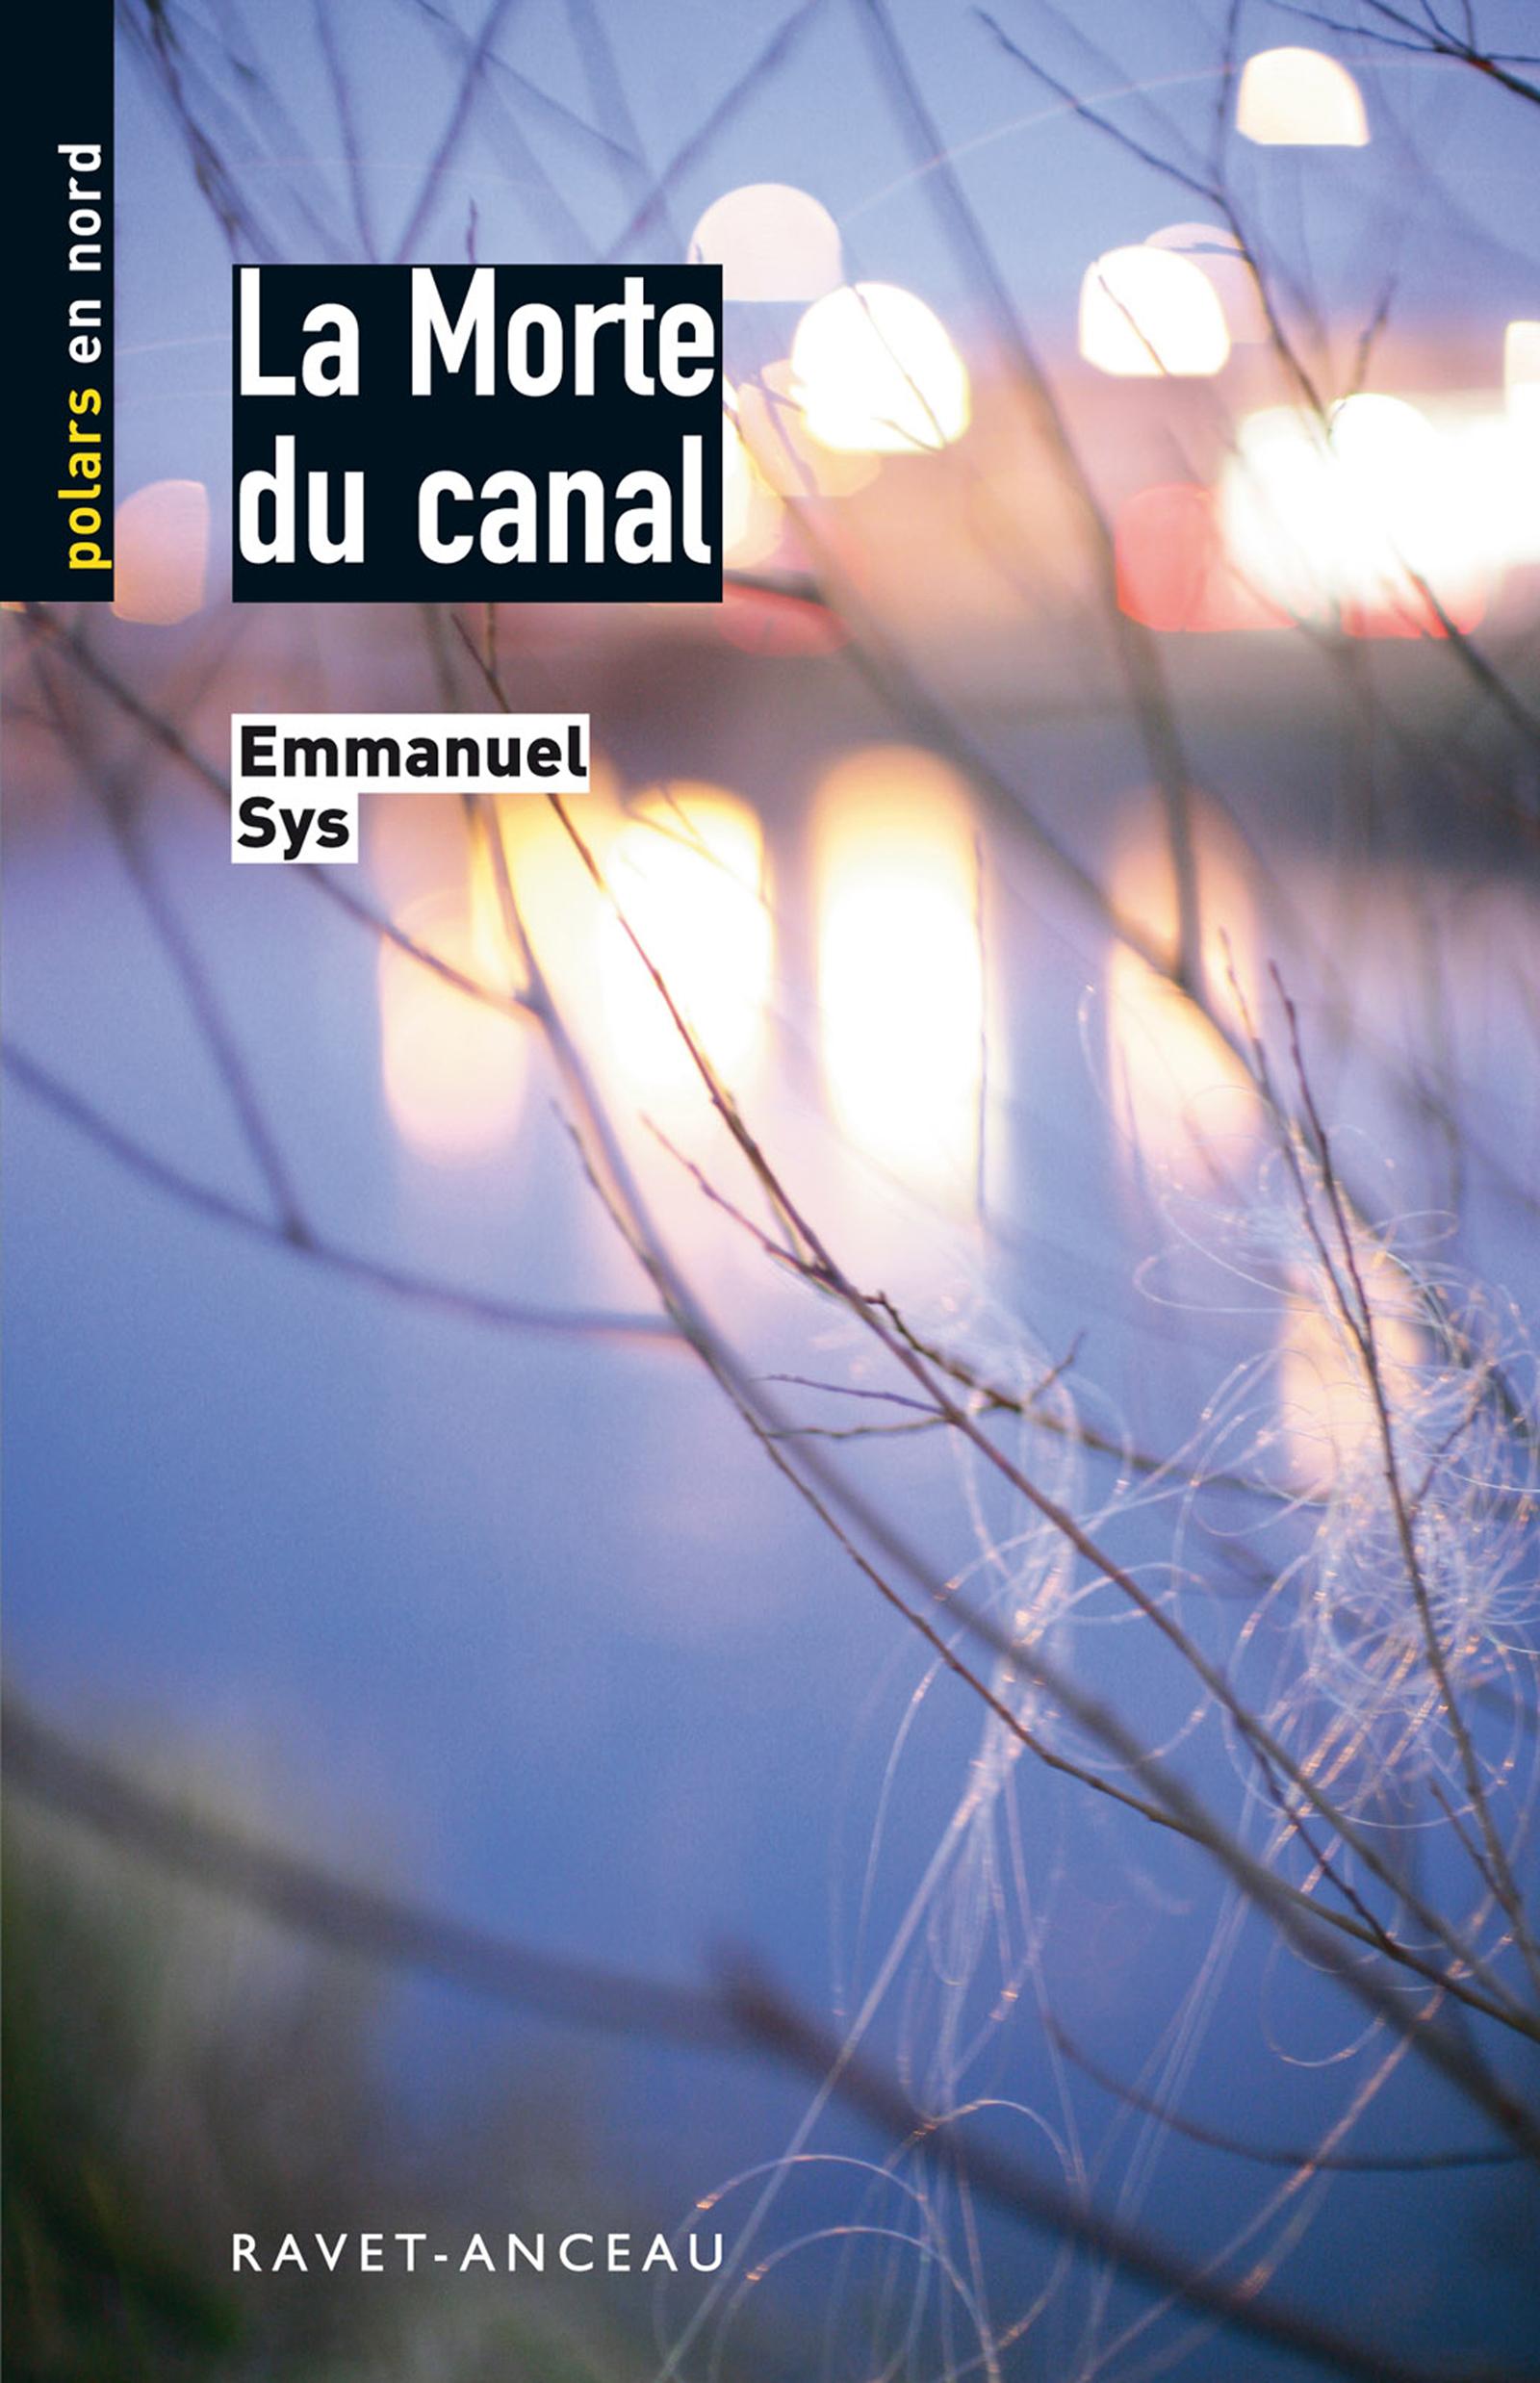 La Morte du canal